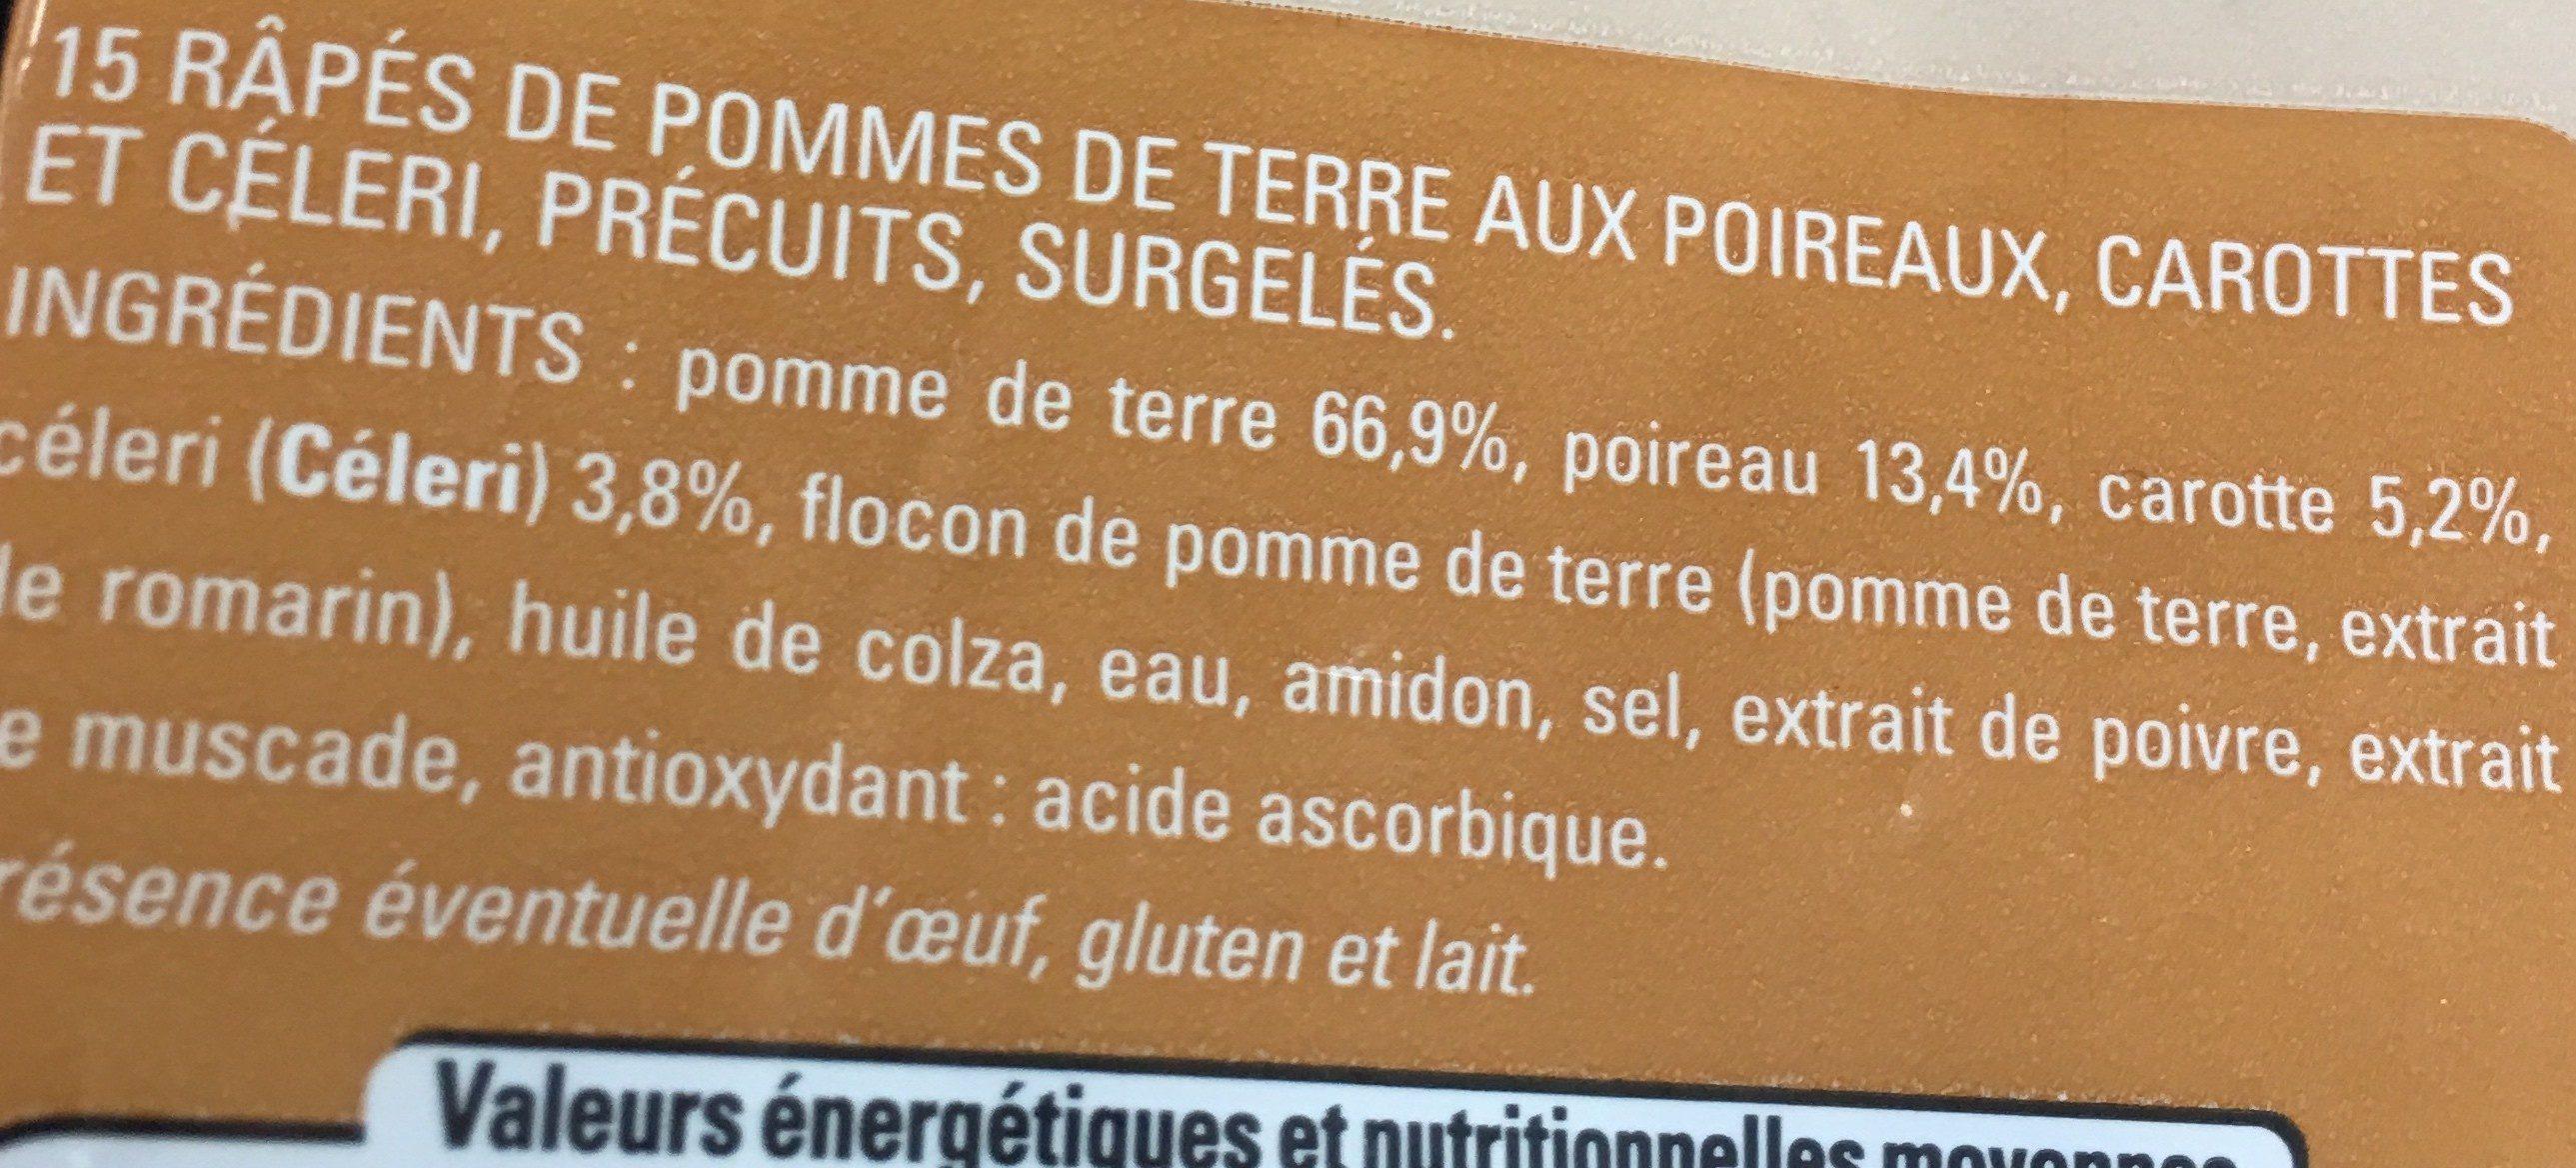 Râpes de pomme de terre au légumes - Ingrédients - fr